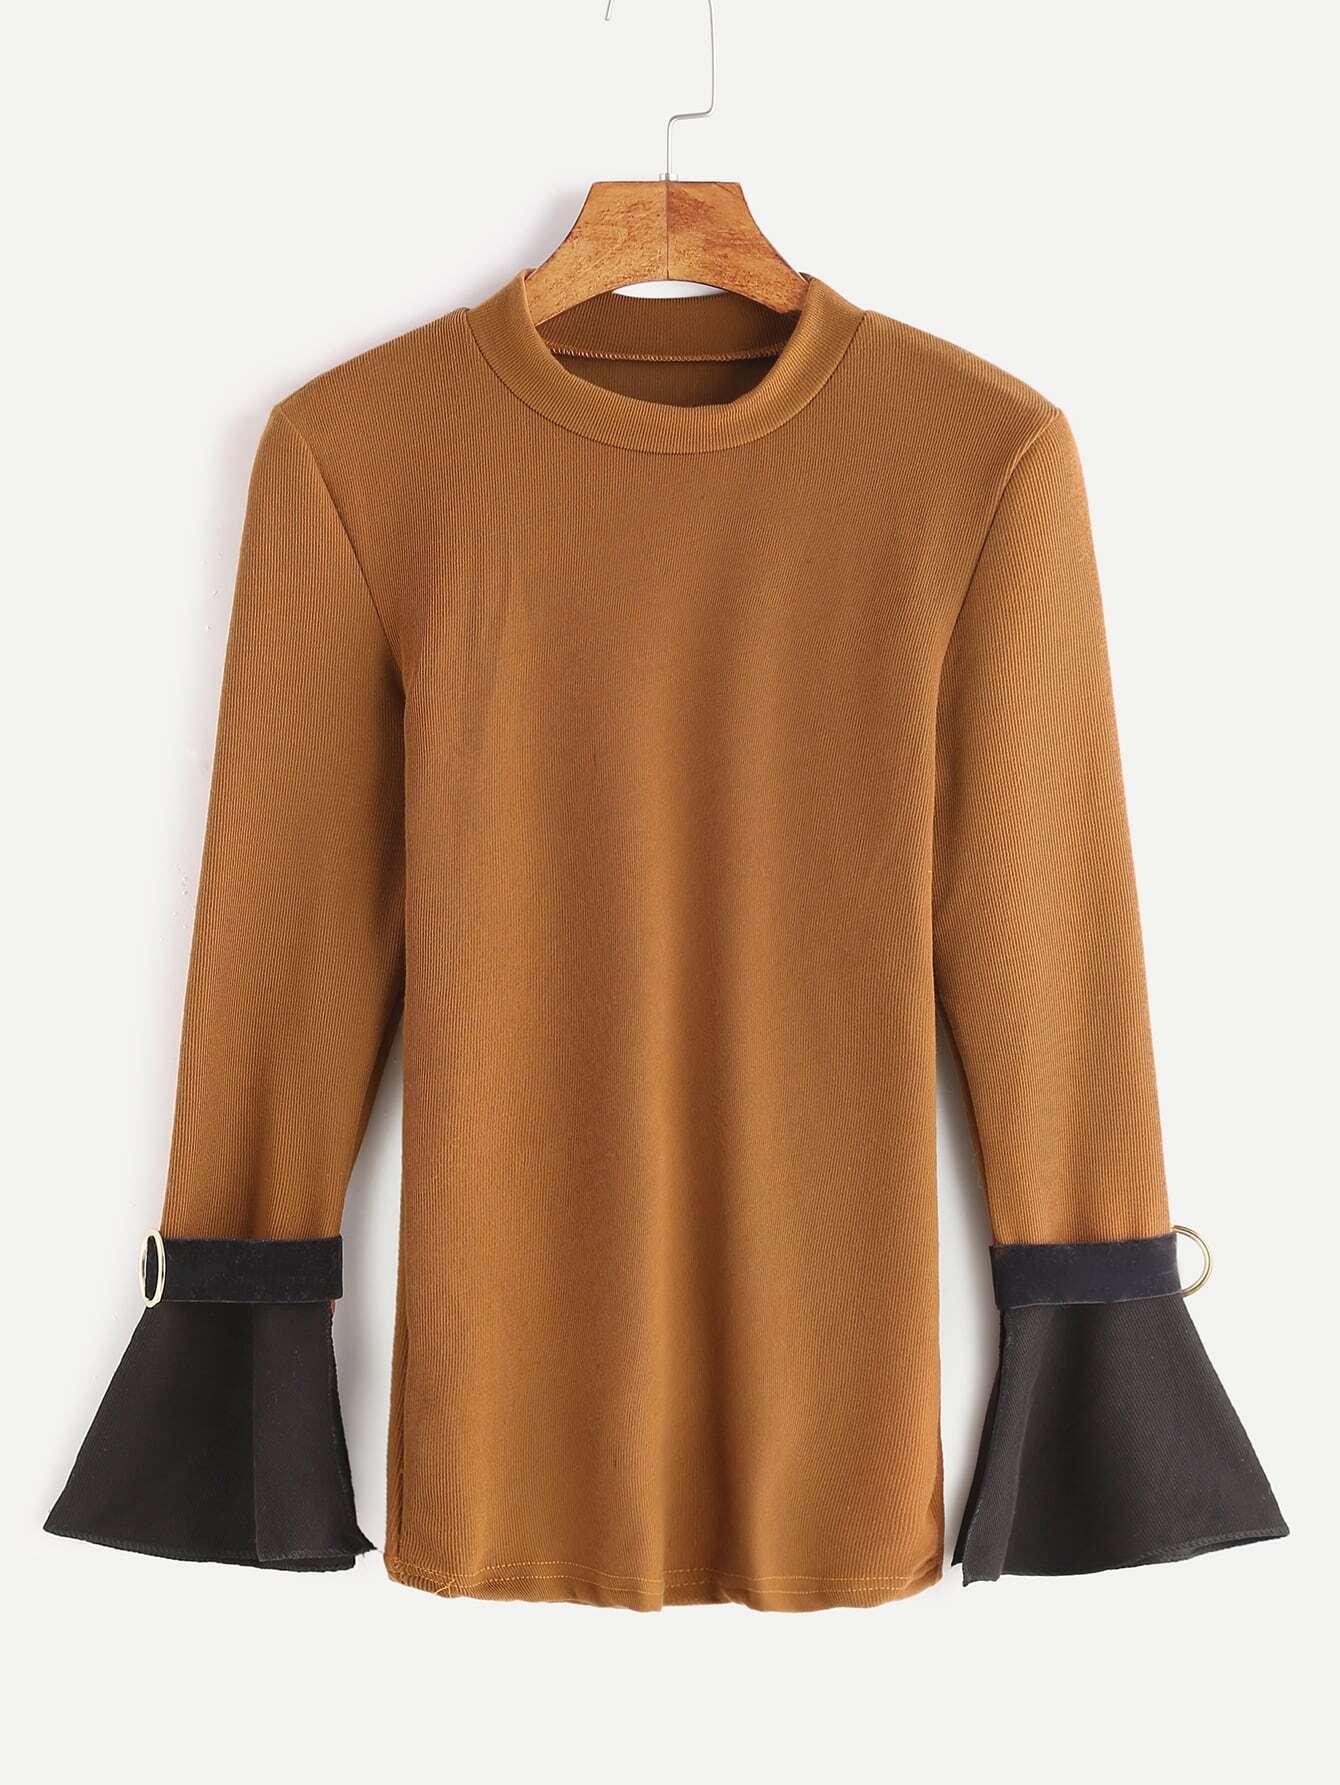 Khaki Contrast Bell Sleeve T Shirt With Belt Cufffor Women